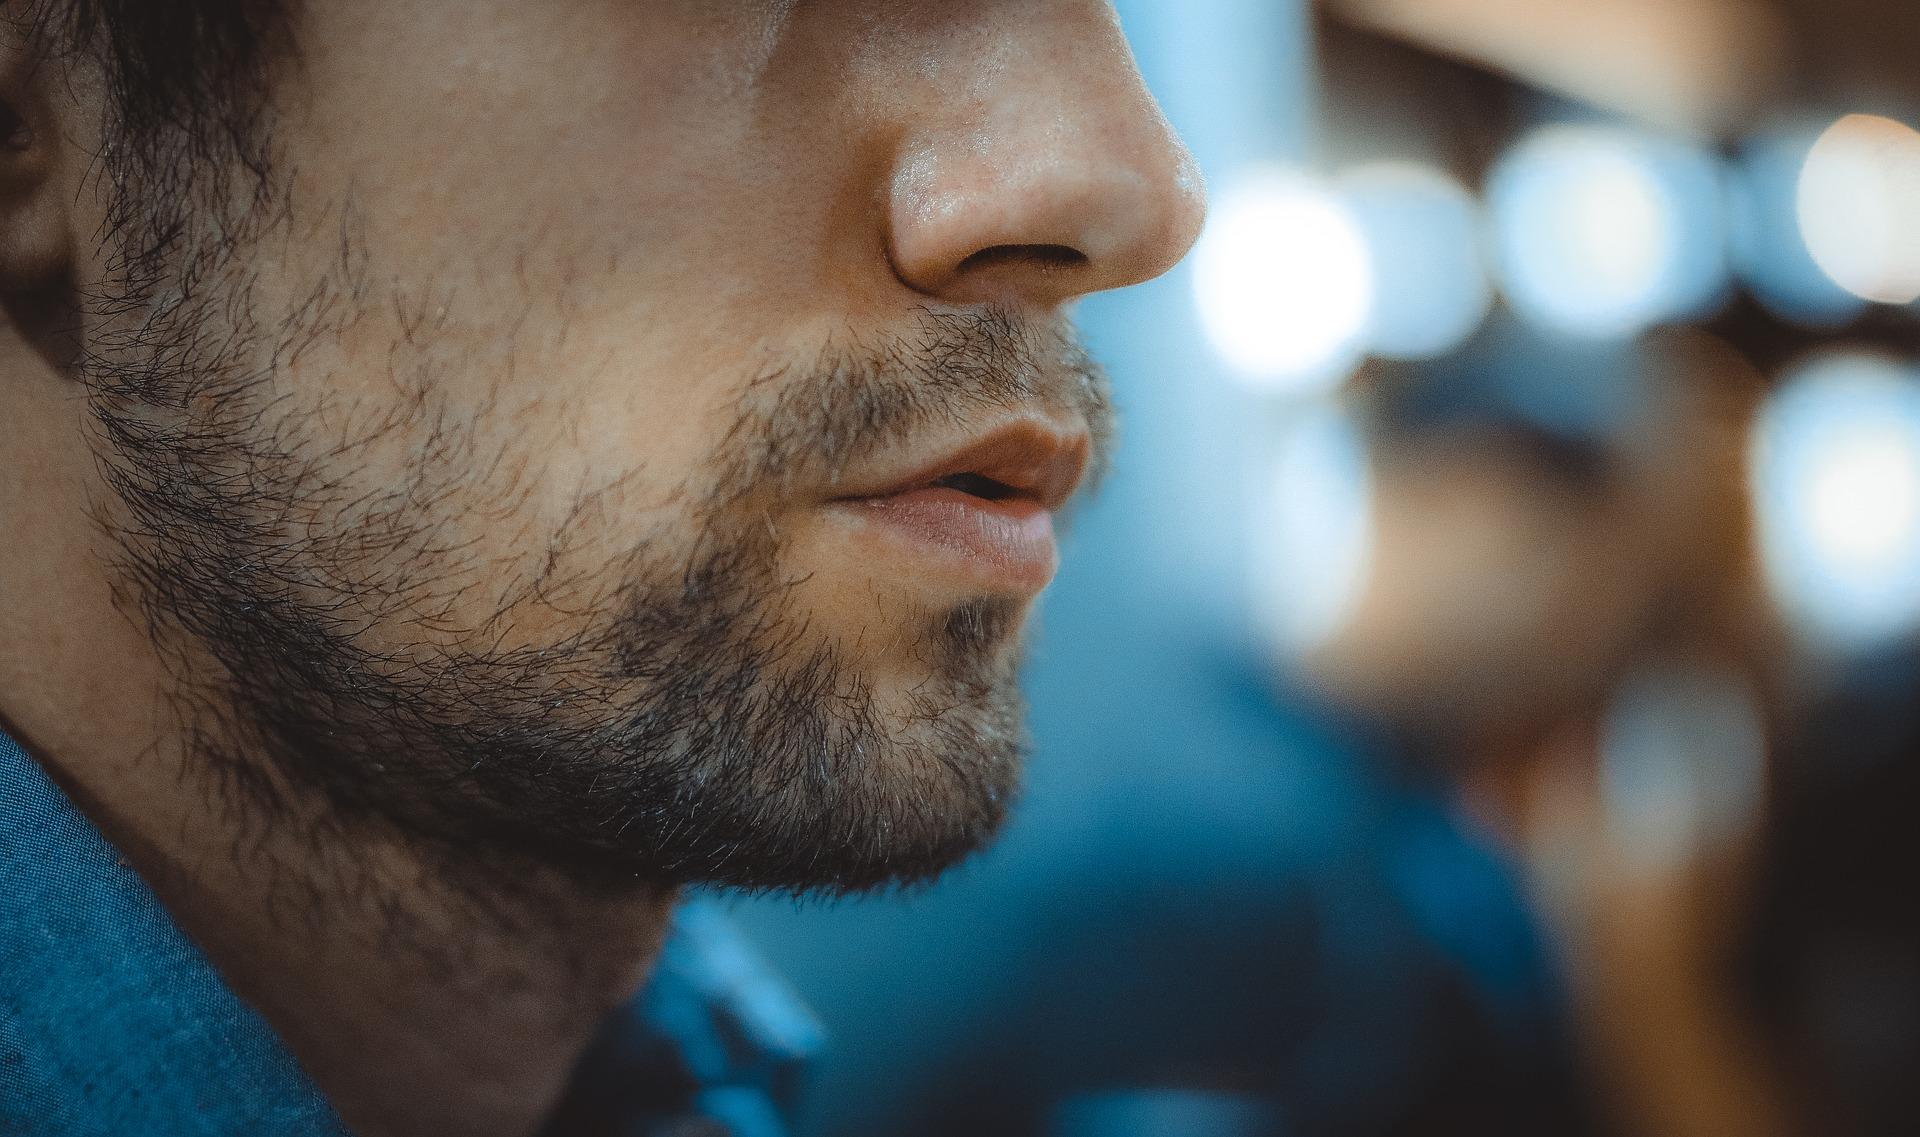 Dreitagebart Konturen Rasieren - Männerplanet, das Männermagazin